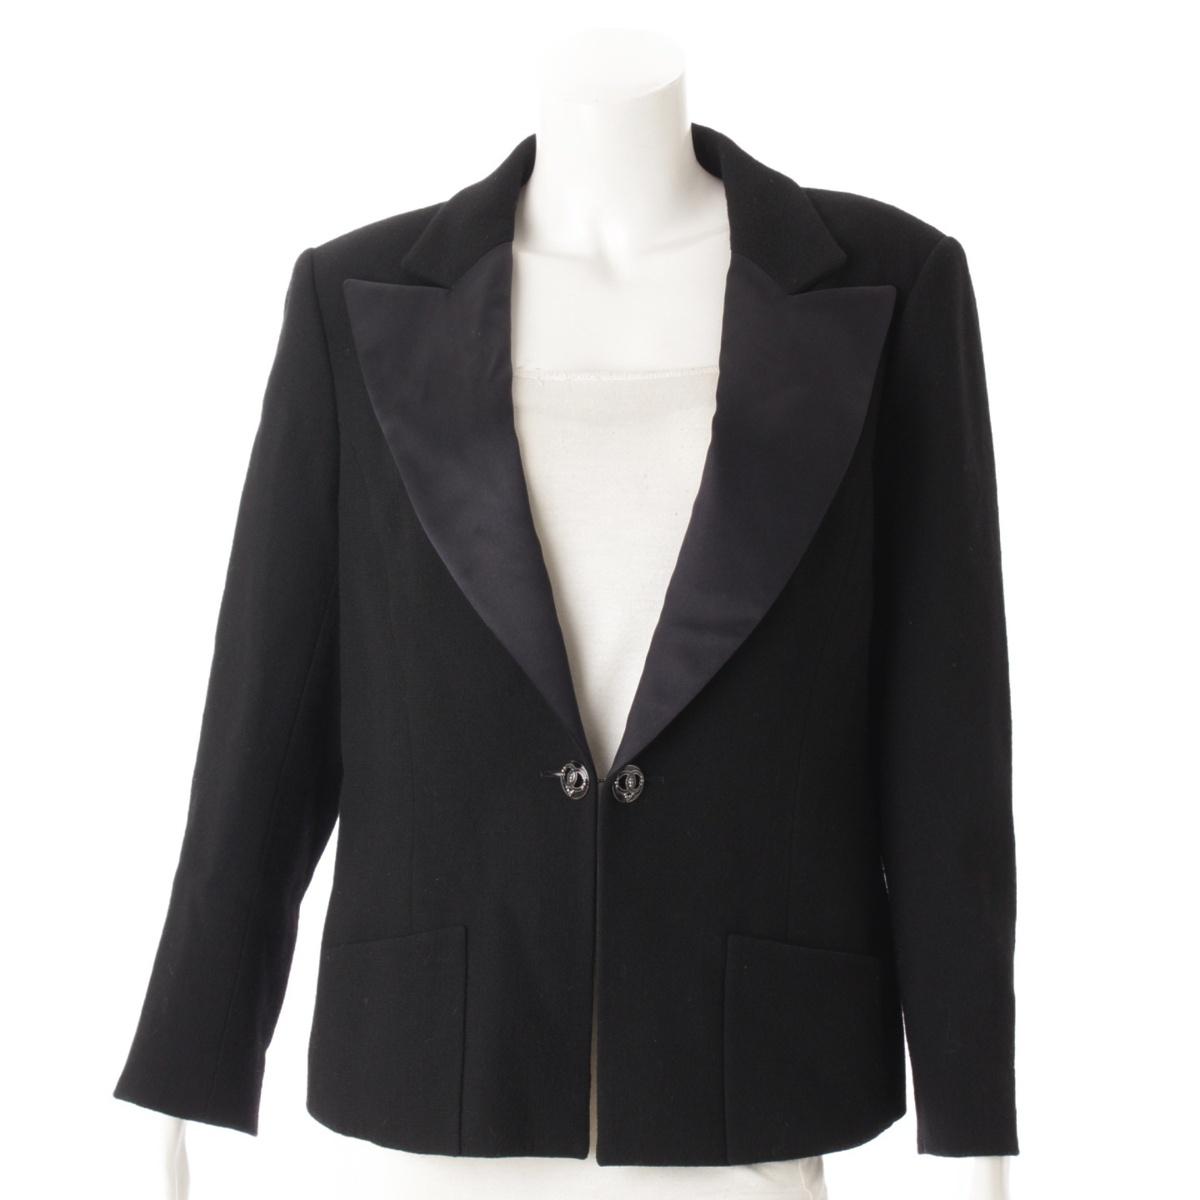 【シャネル】Chanel 09C シルクカラー ウール ジャケット P34718 ブラック 44 【中古】【鑑定済・正規品保証】53229